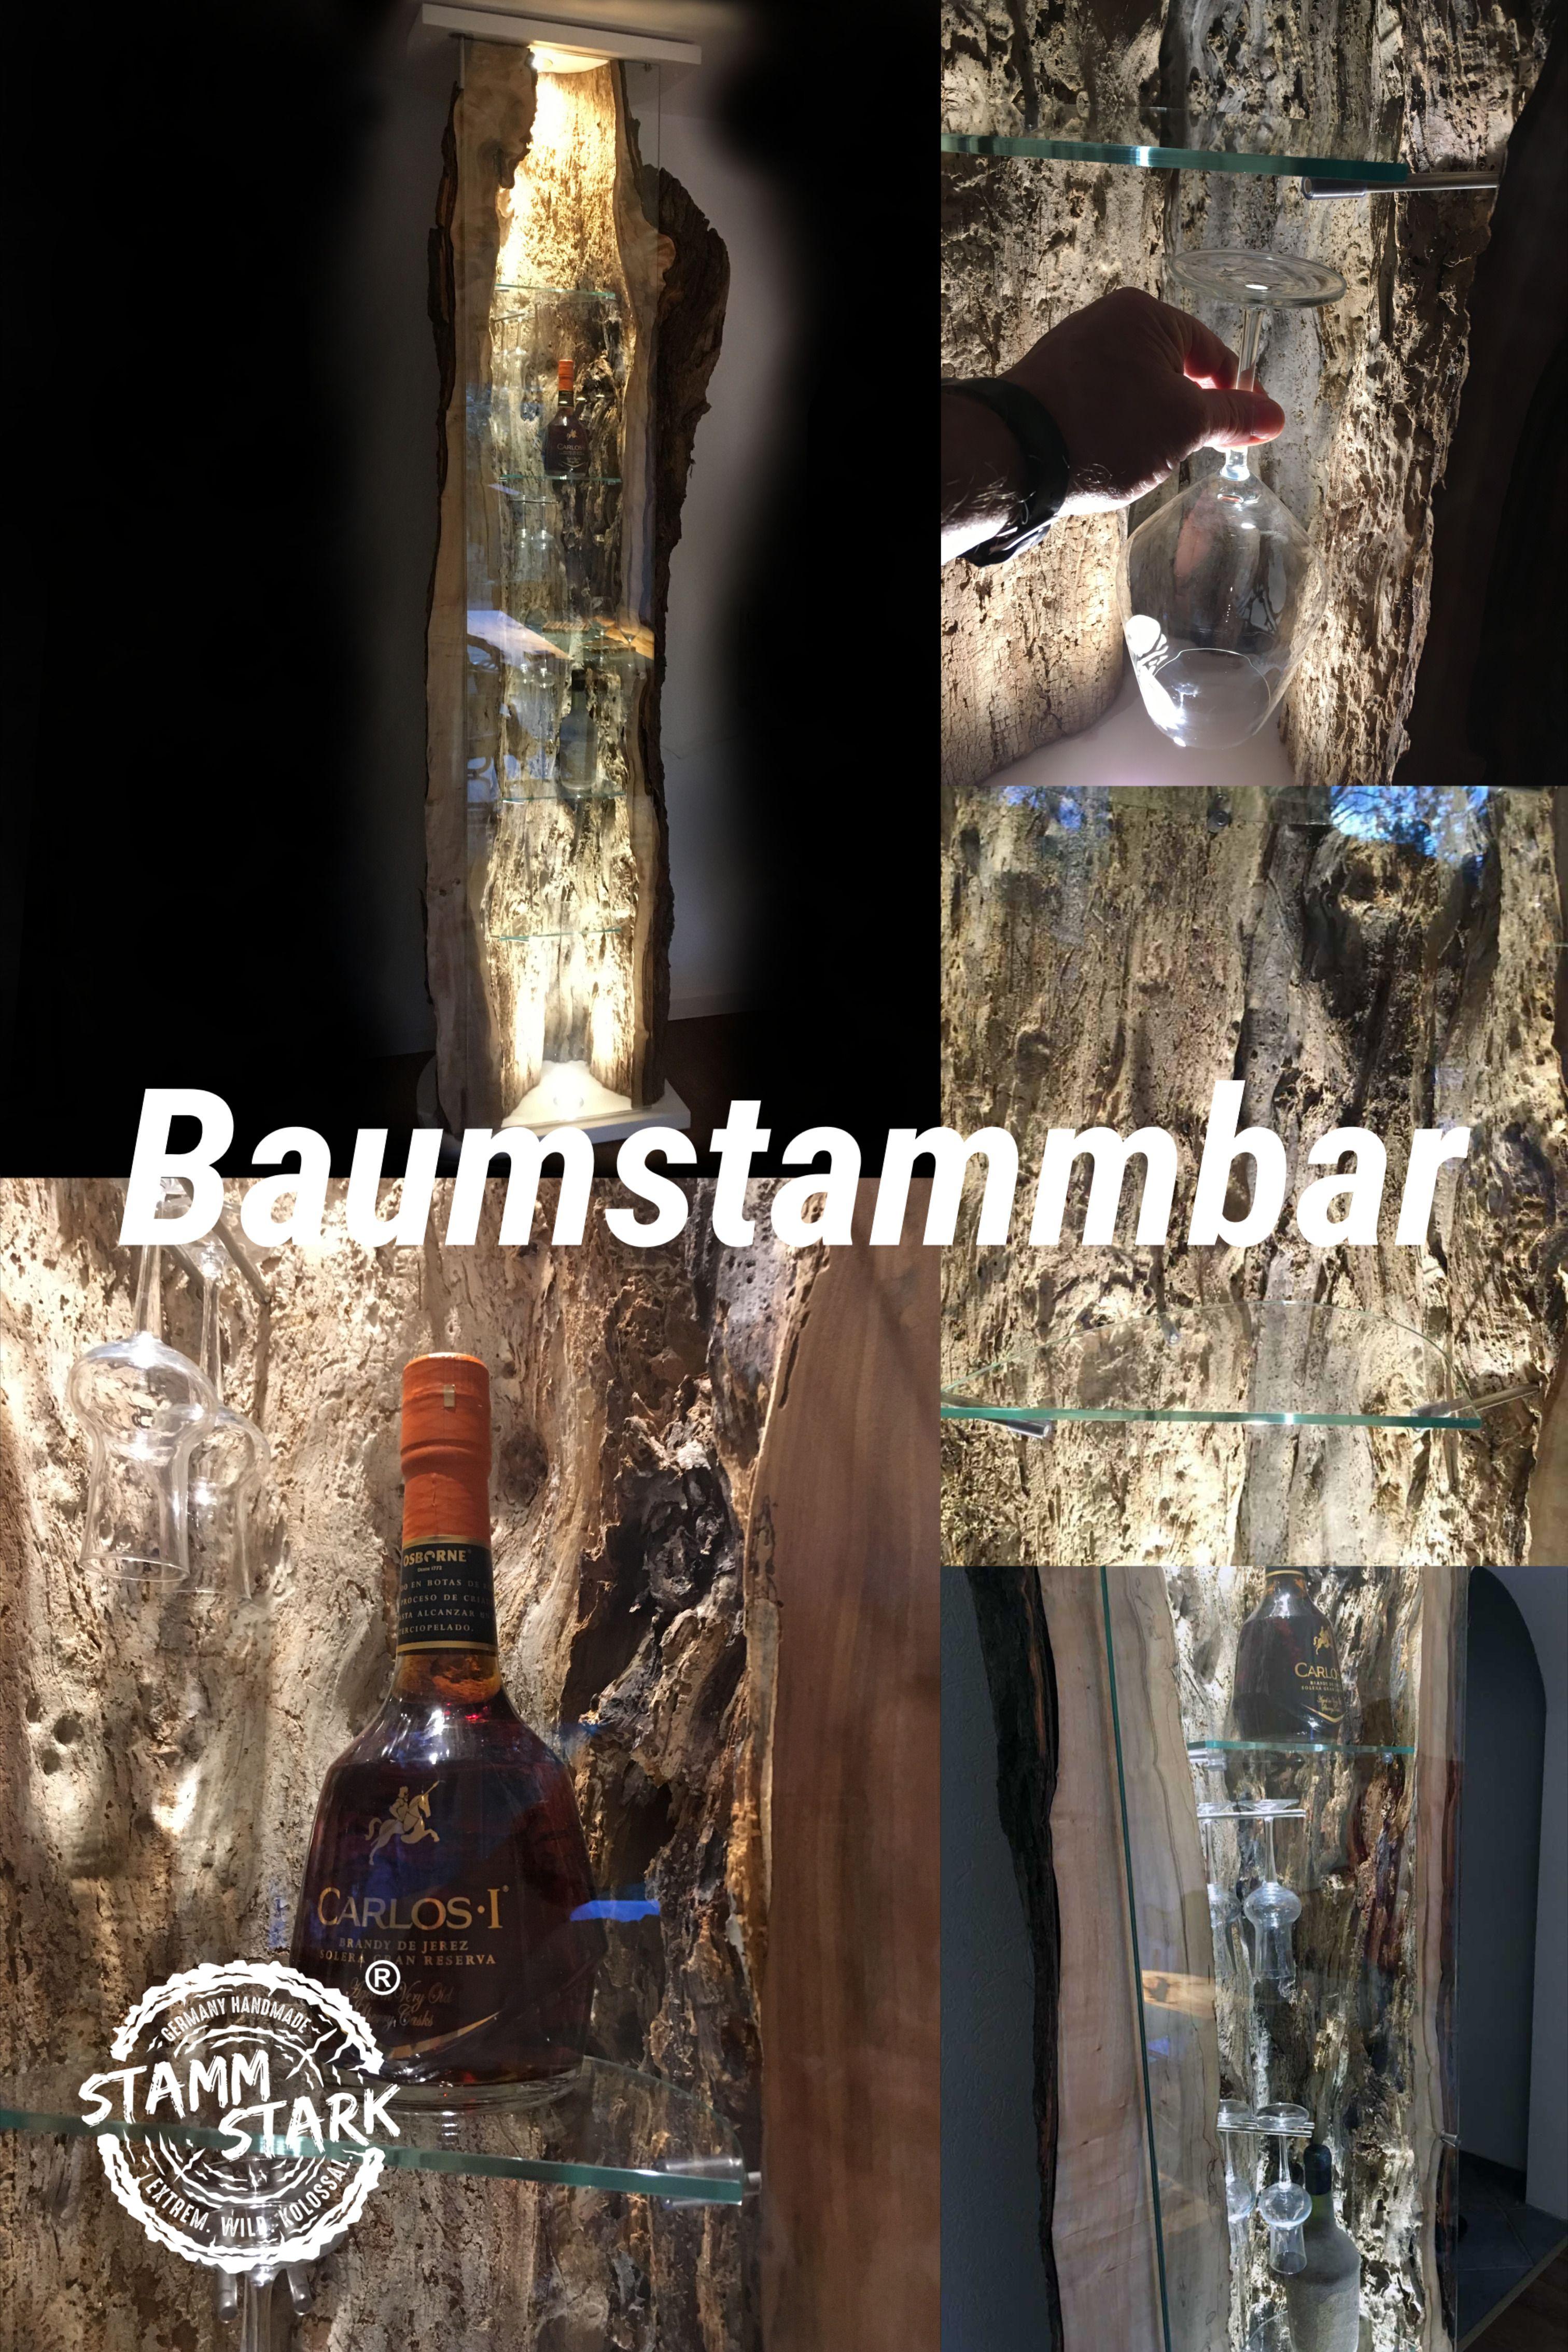 Baumstammbar In 2020 Baumstamm Flaschen Dekorieren Stielglaser